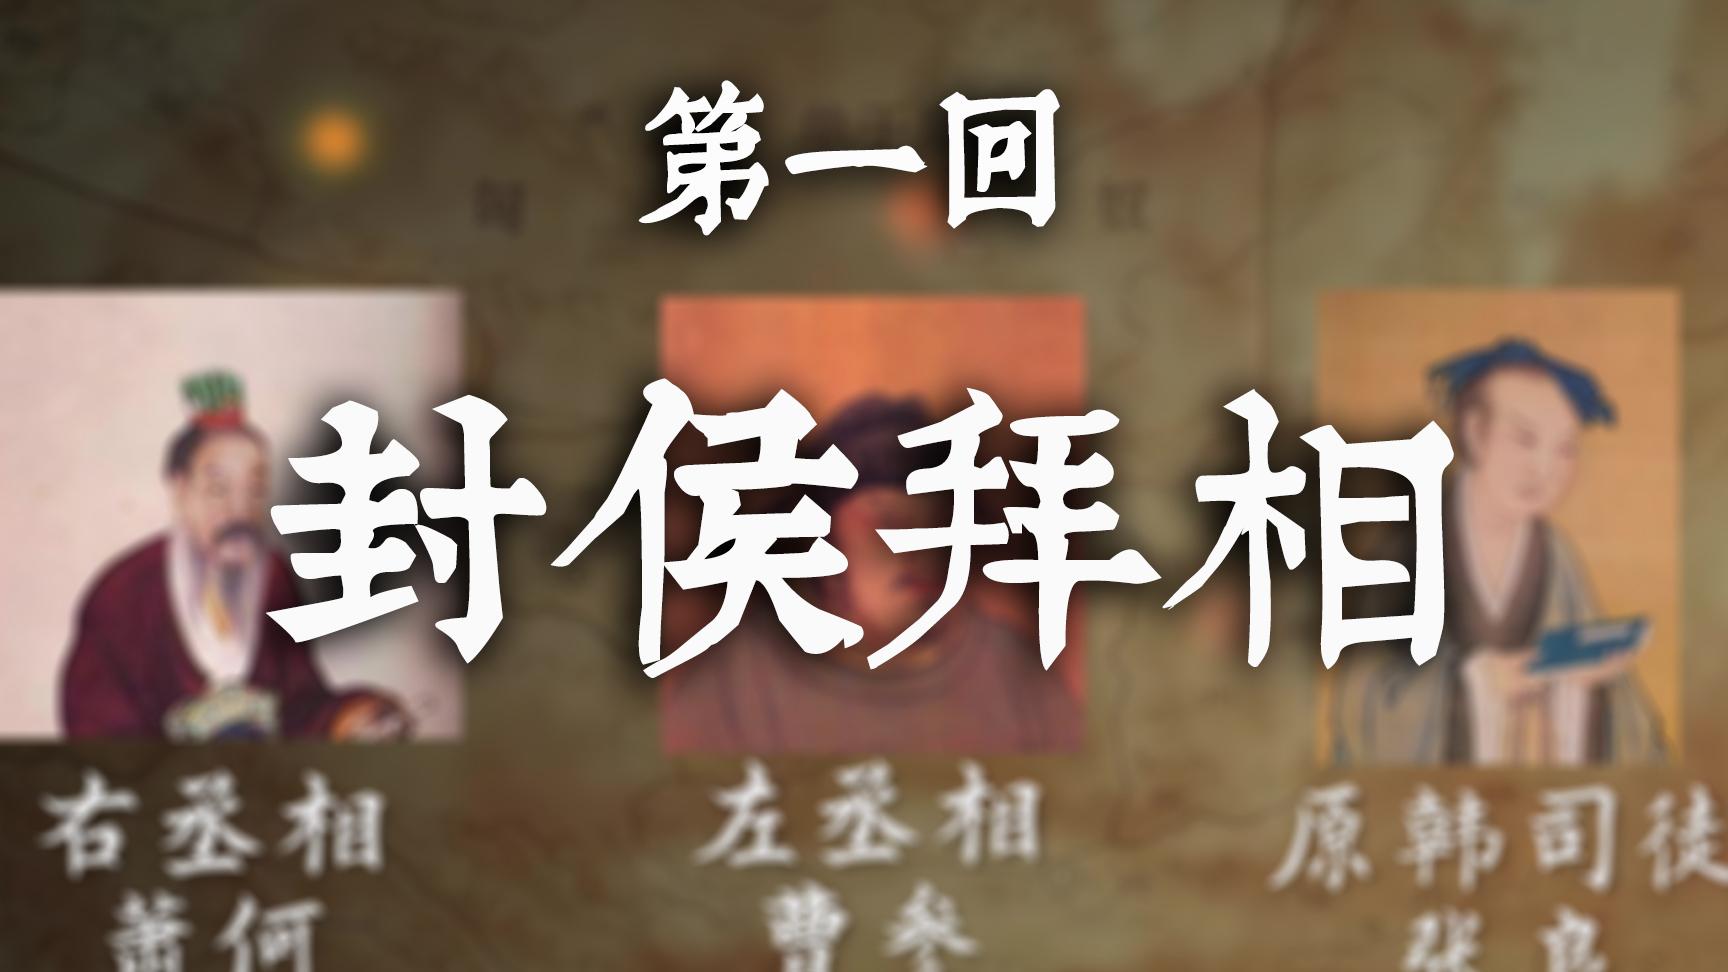 【大汉王朝】第一回——封侯拜相